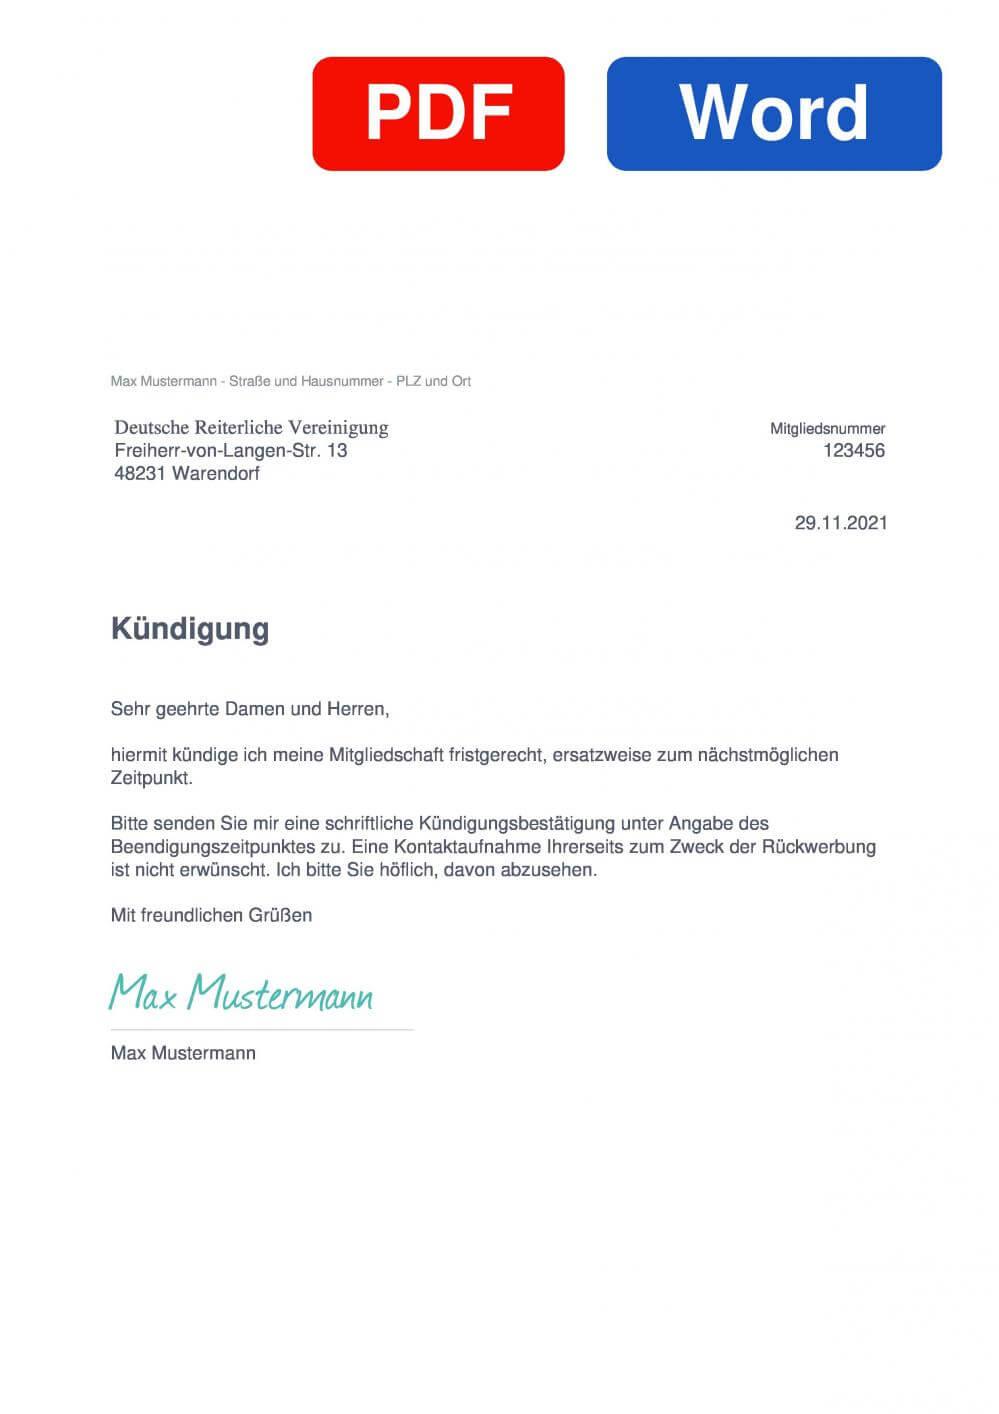 Deutsche Reiterliche Vereinigung Muster Vorlage für Kündigungsschreiben